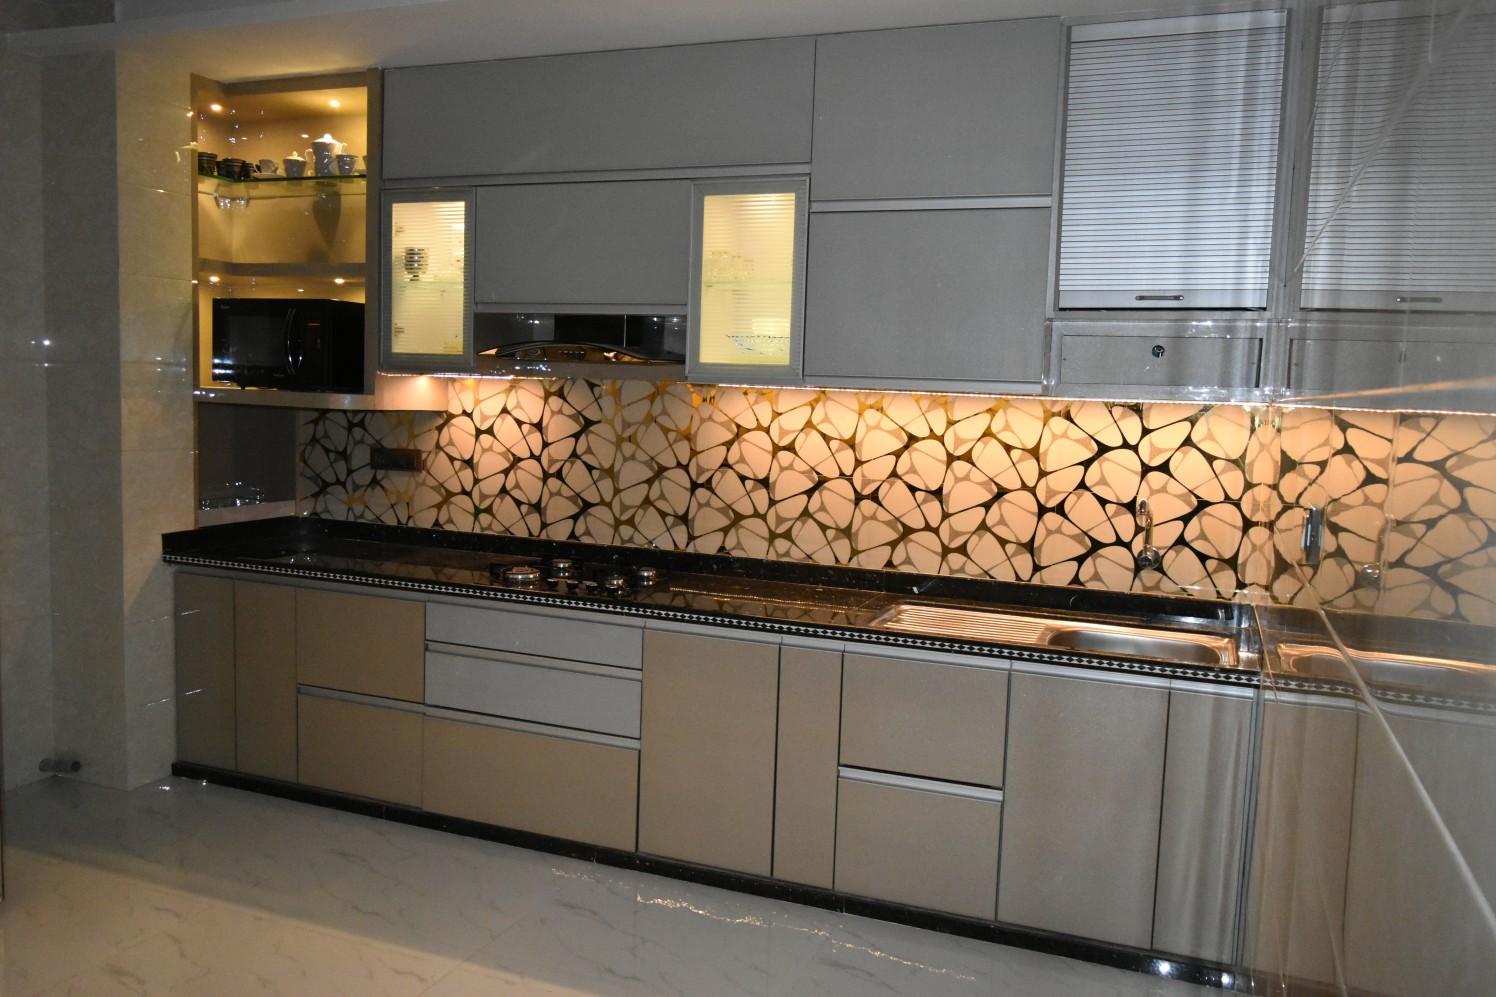 Metallic Finish Modular Kitchen by Aashirwad Koli Modern | Interior Design Photos & Ideas